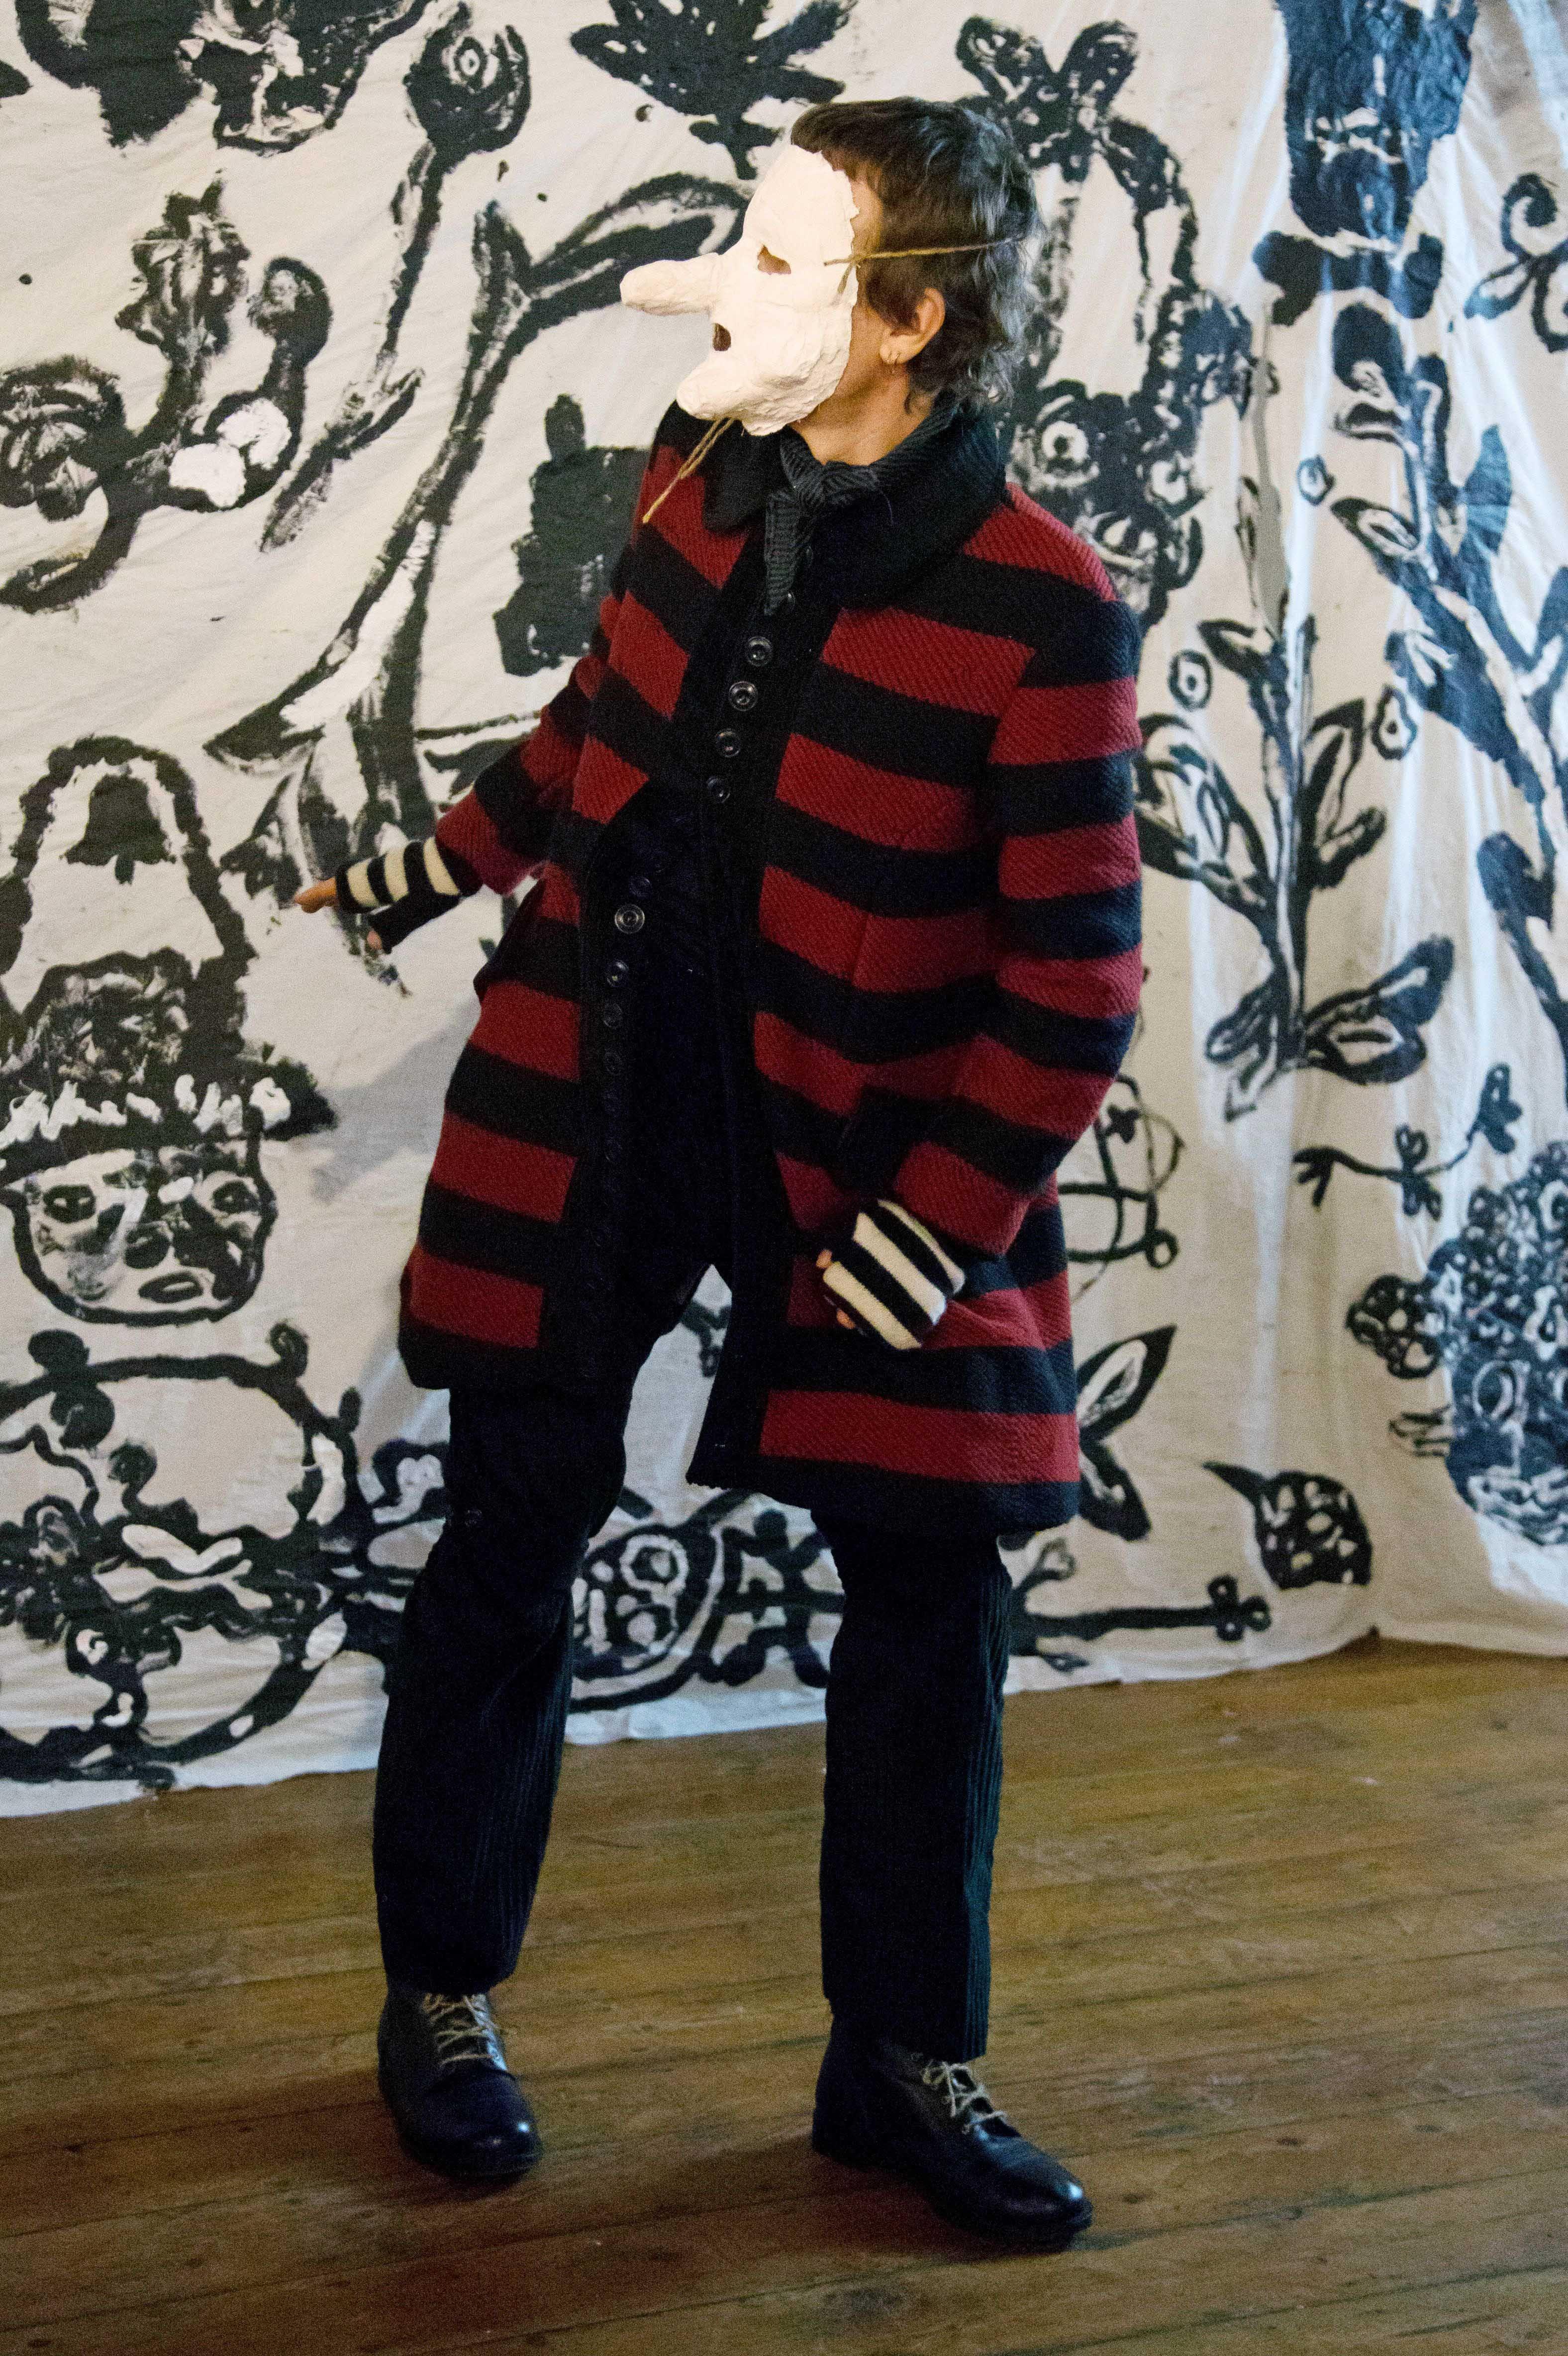 John Alexander Skelton show, Runway, Fall Winter 2018, London Fashion Week Men's, UK - 05 Jan 2018